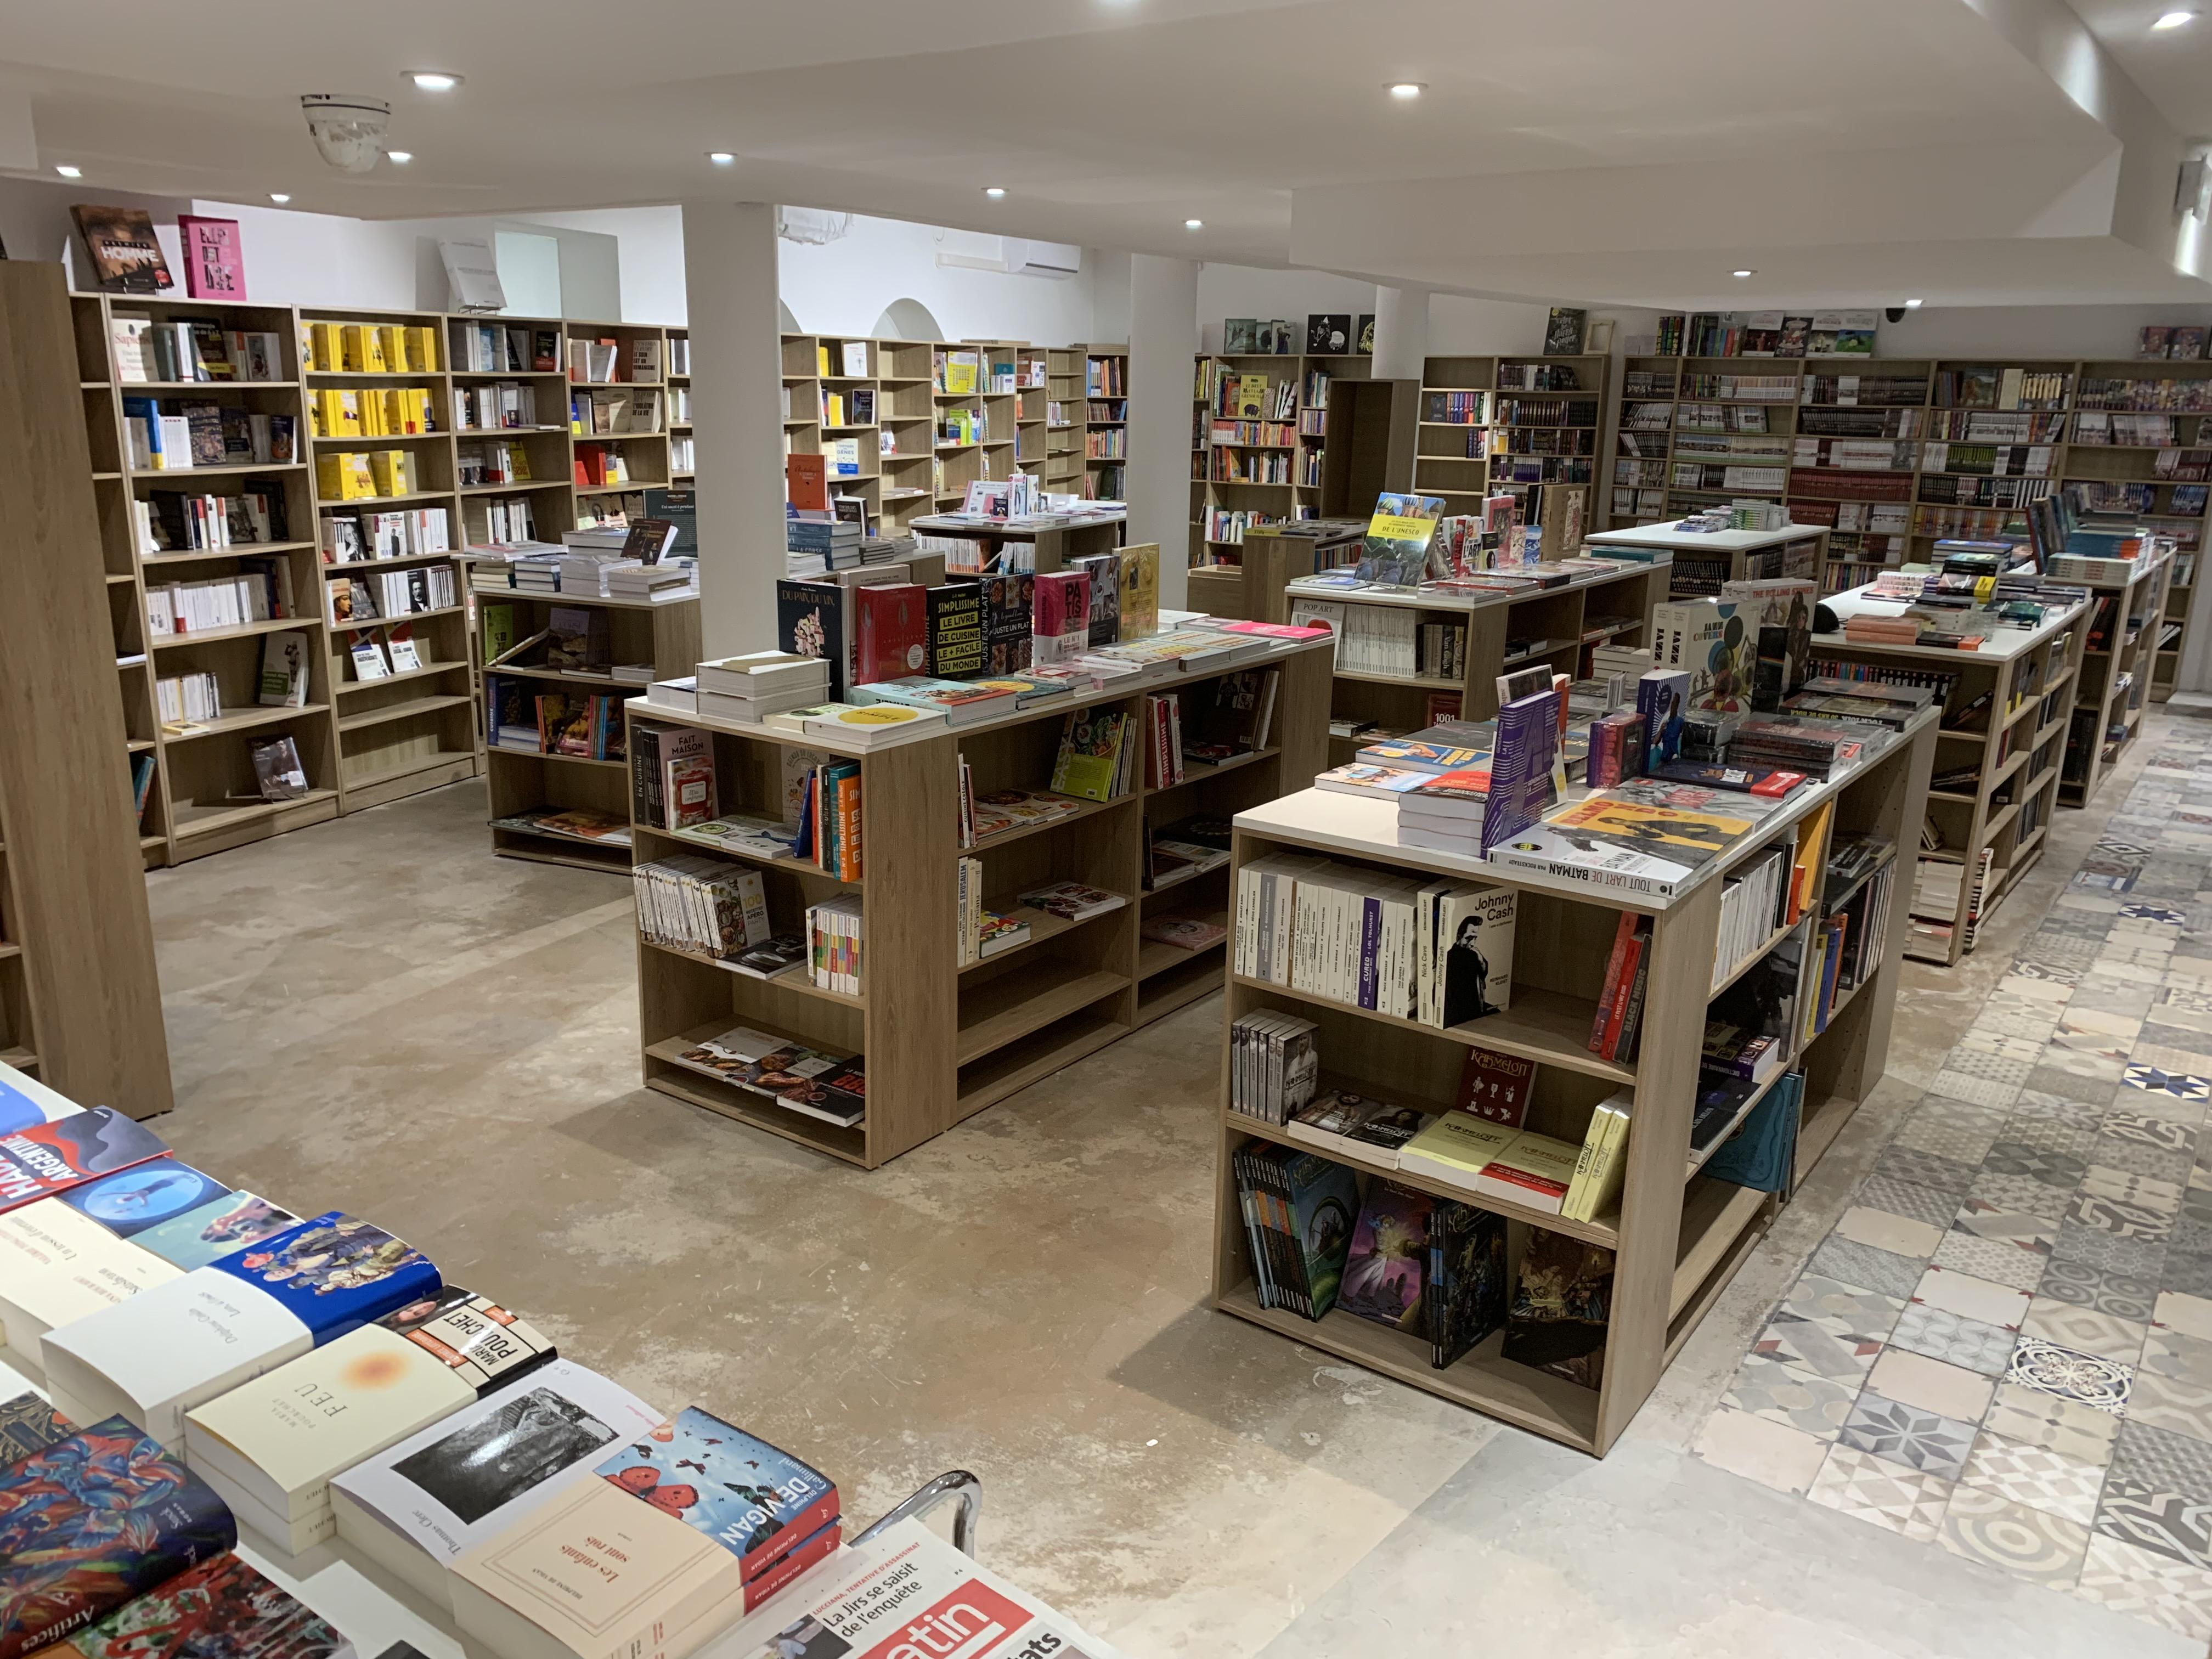 Déjà 10 000 réferences dans les diiférents rayons de la librairie.